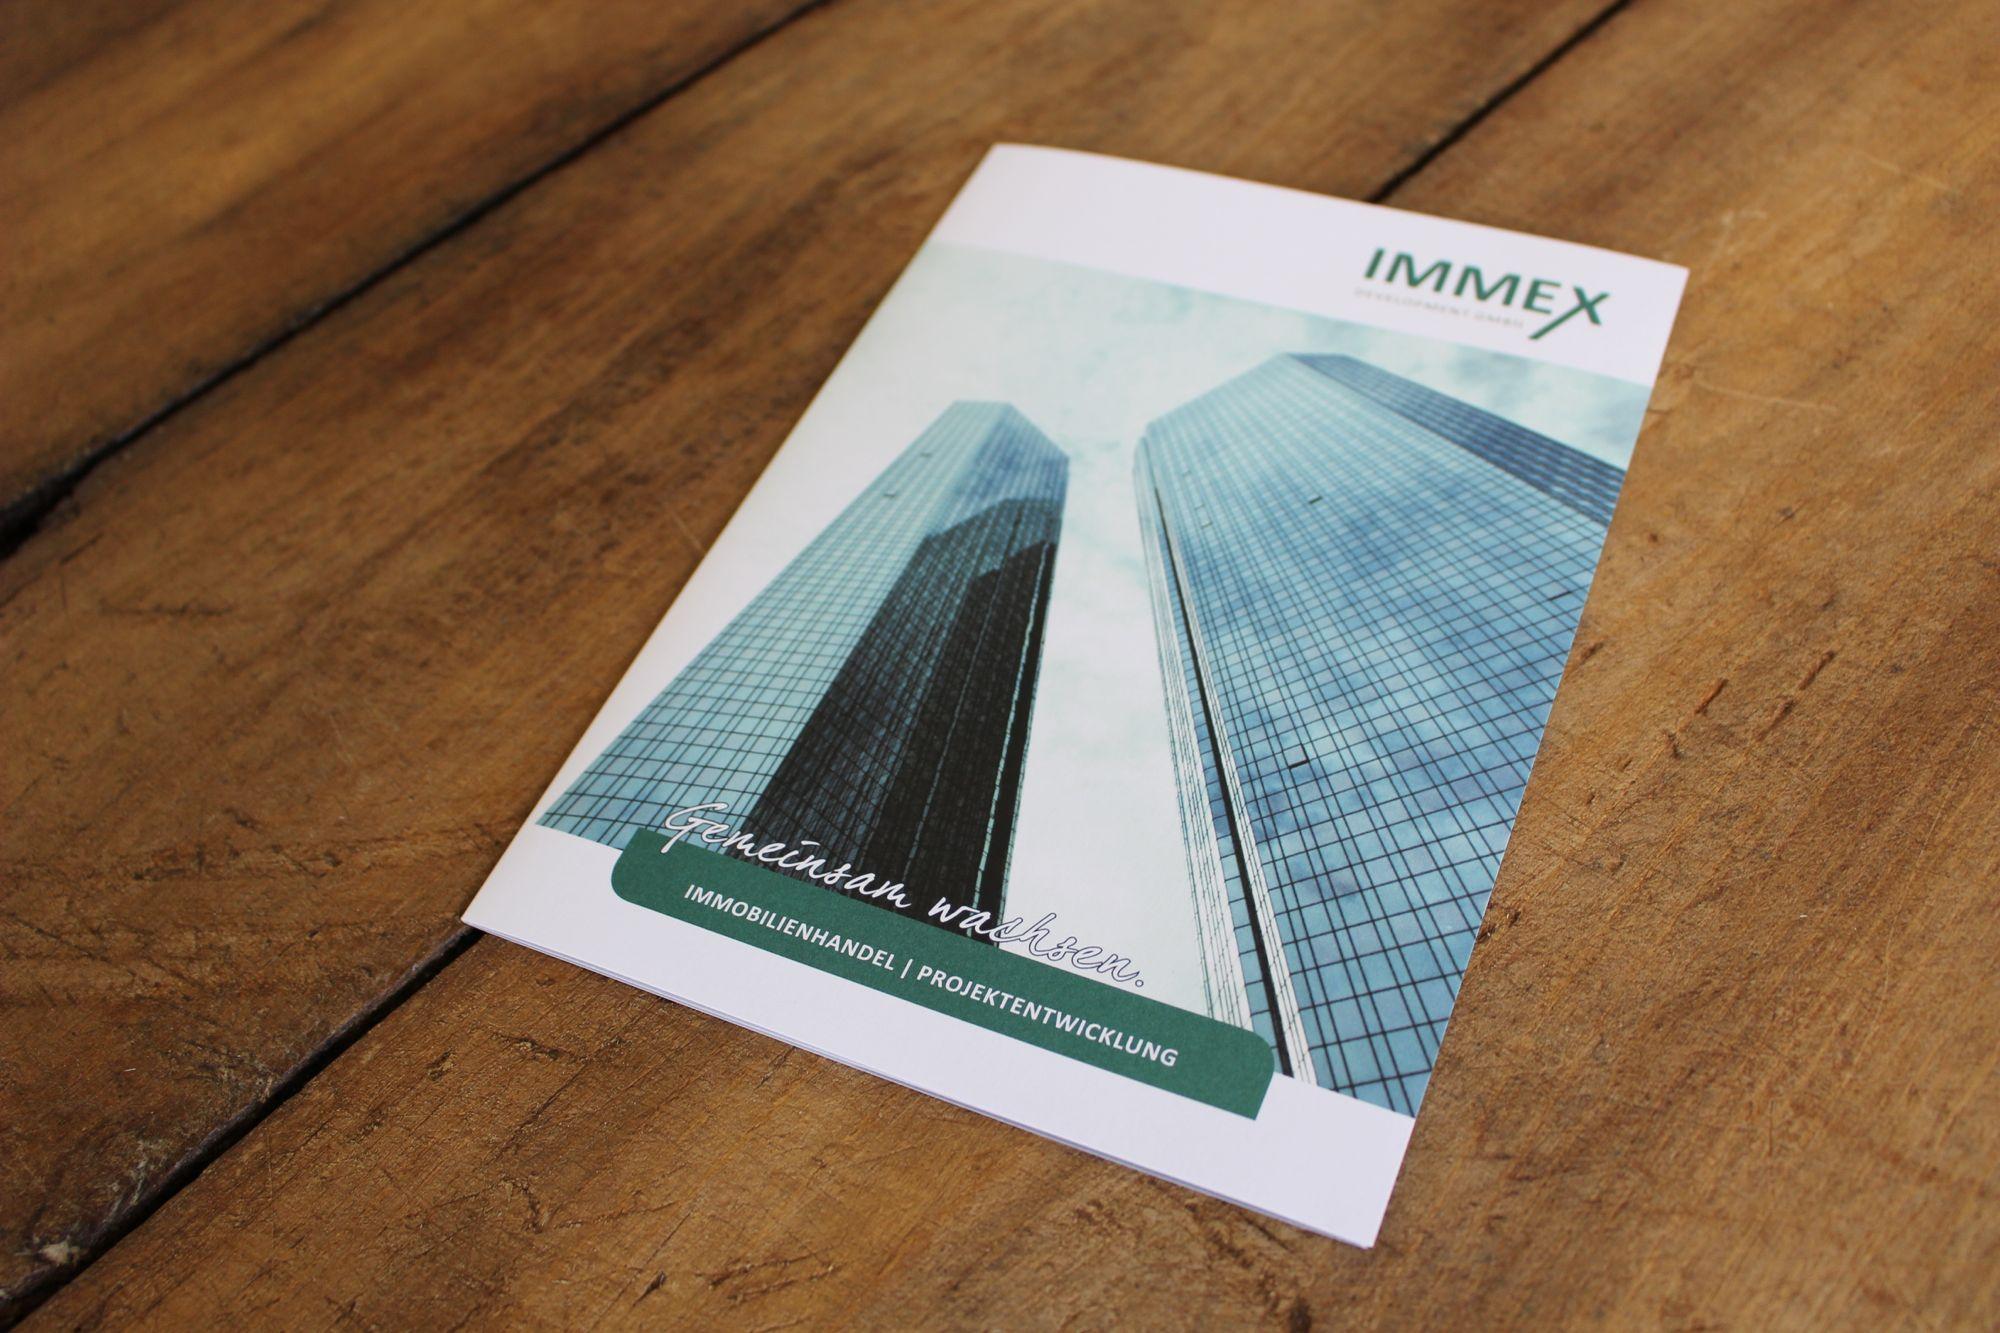 Folder für Immex Development GmbH